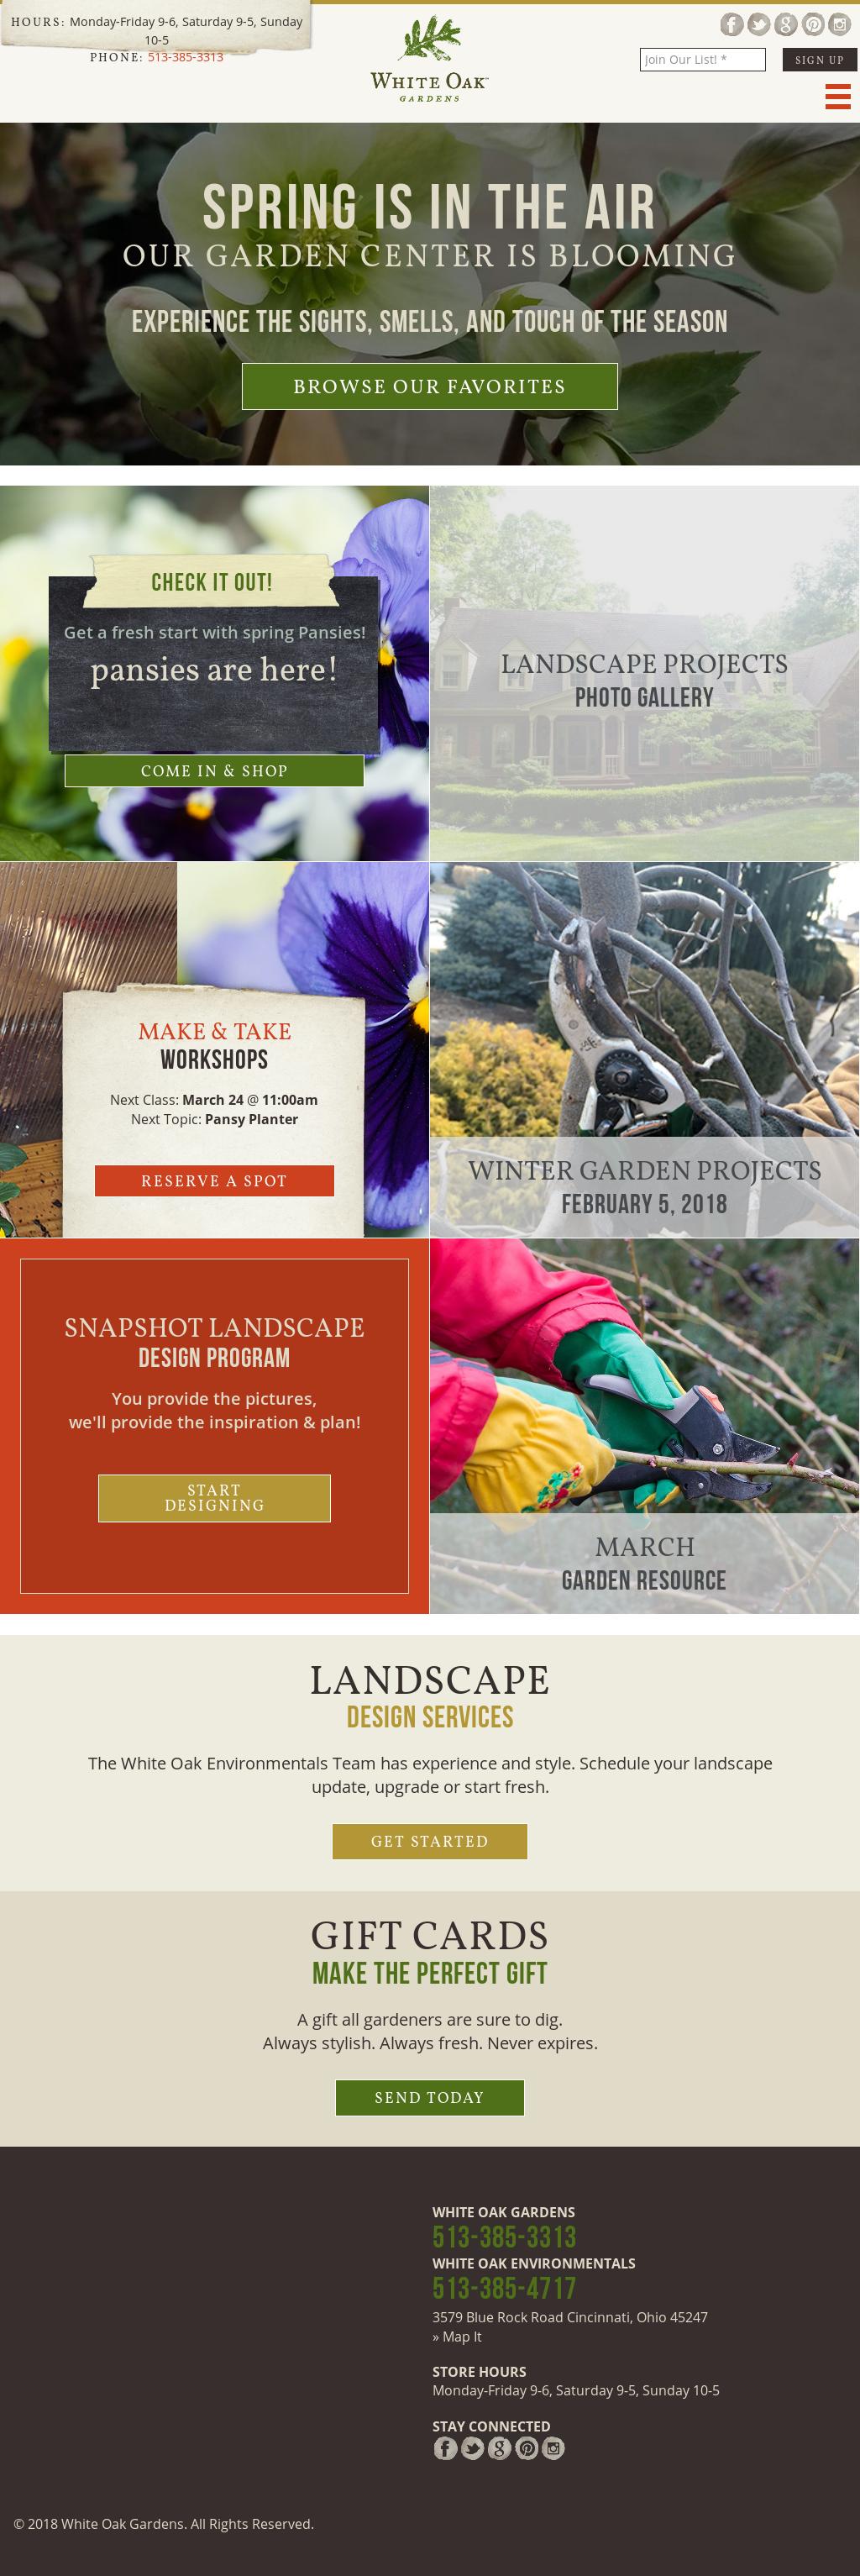 white oak garden center website history - White Oak Garden Center